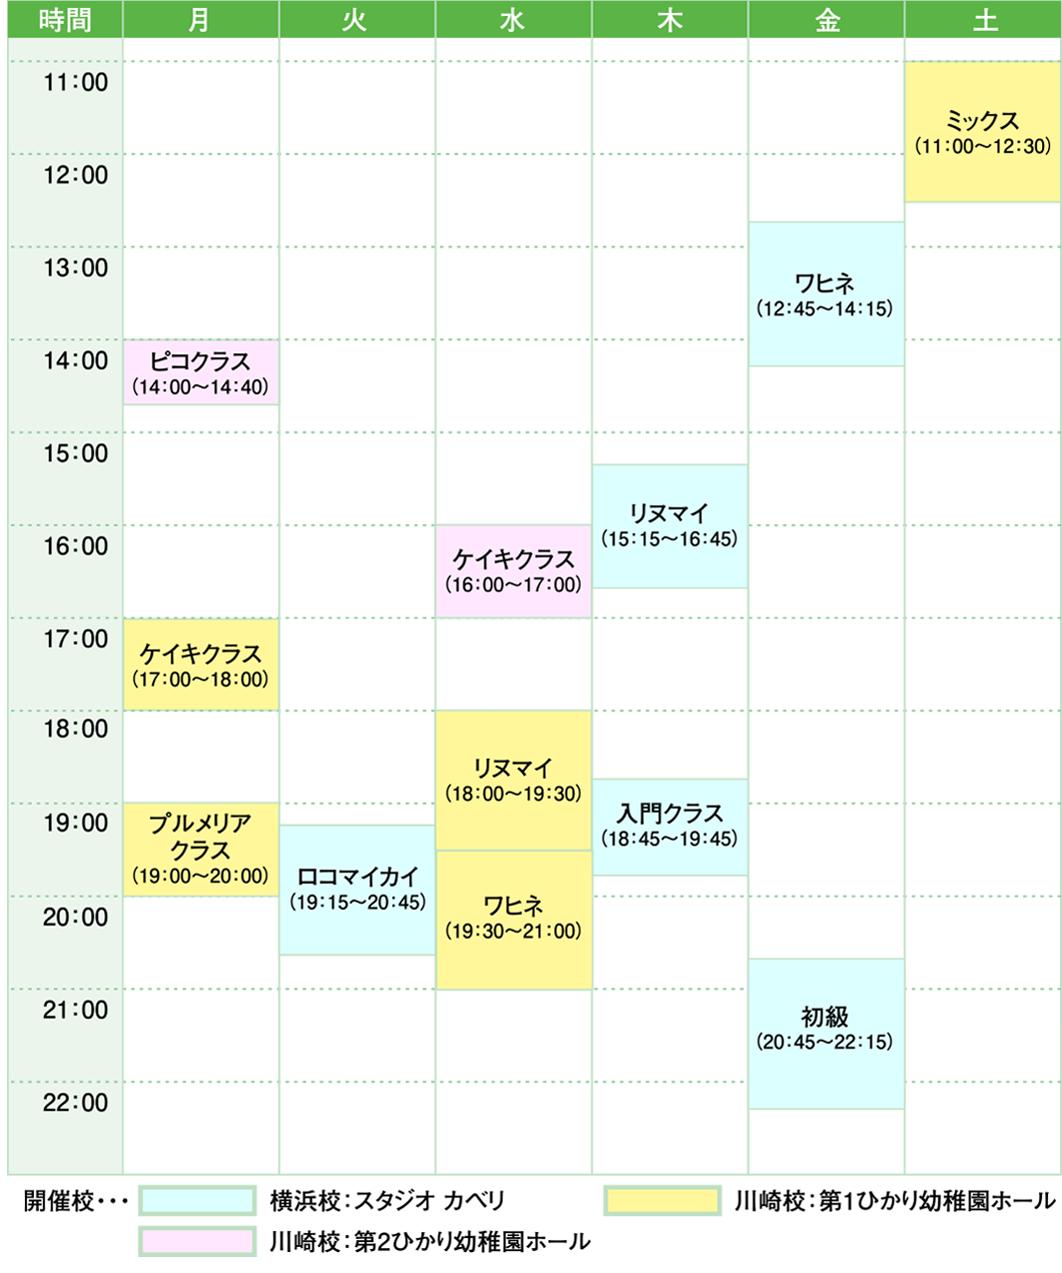 schedule0420